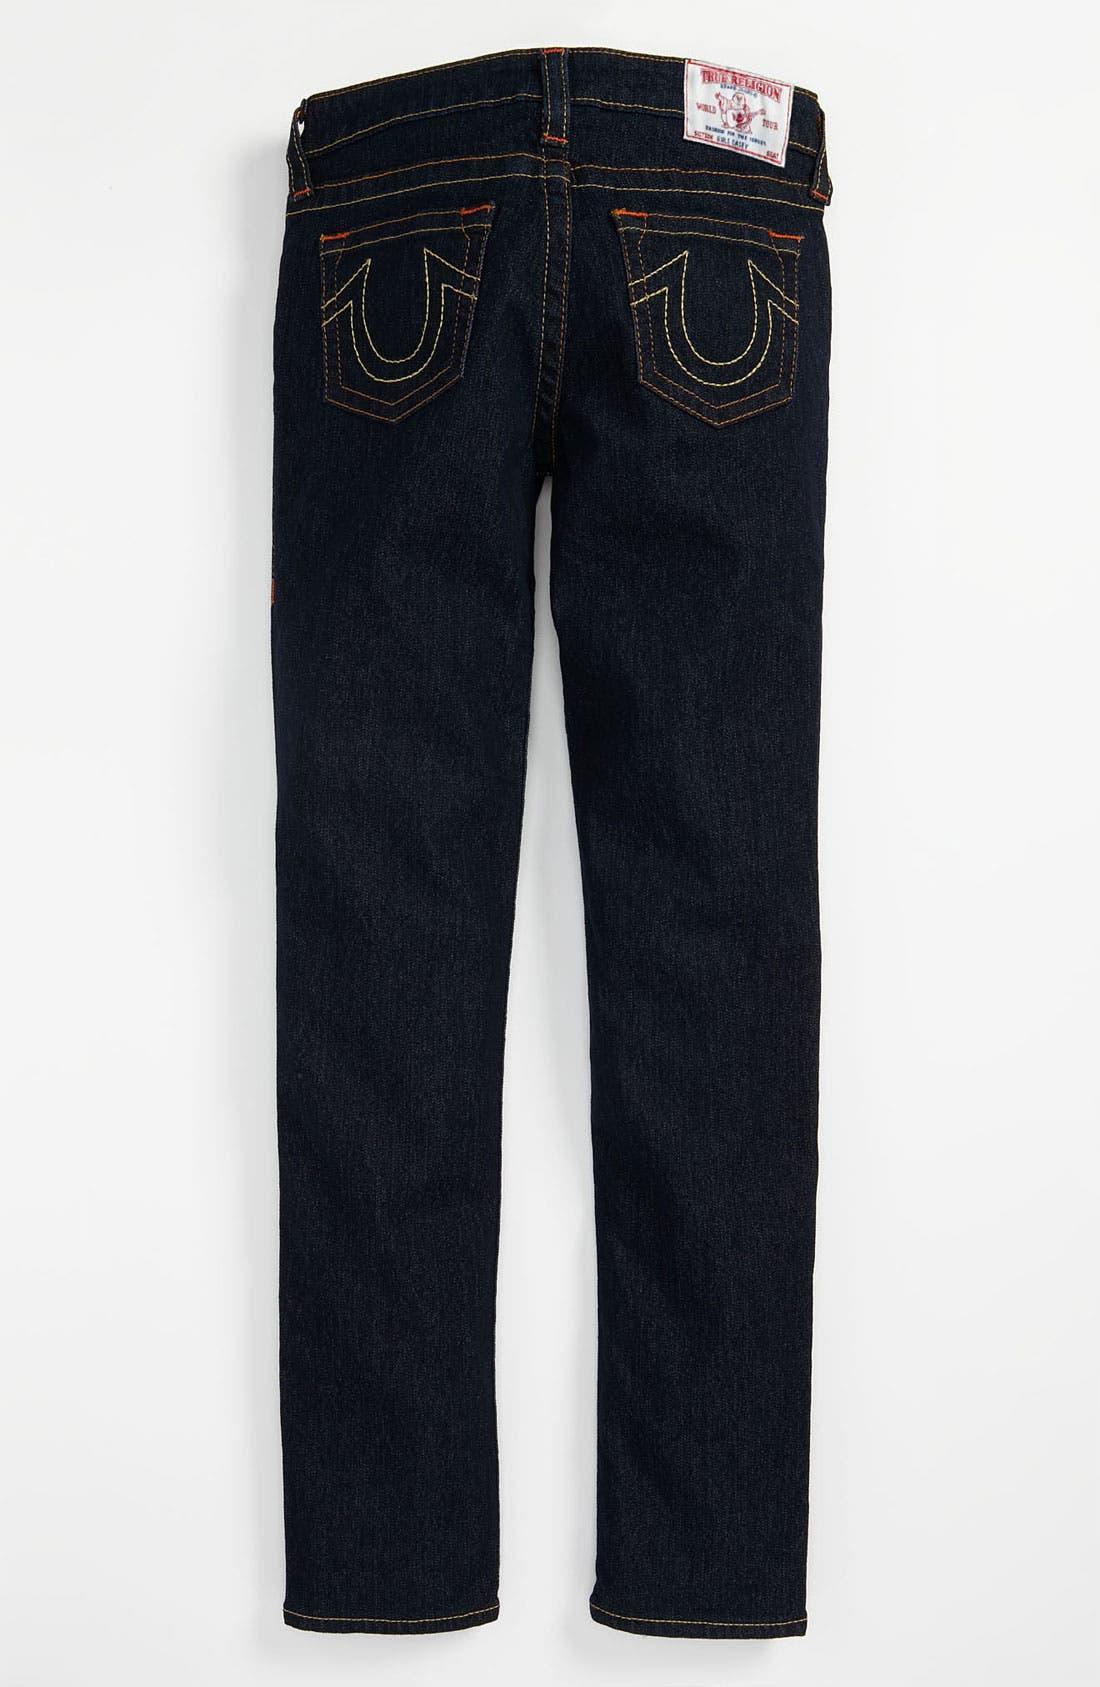 Main Image - True Religion Brand Jeans 'Casey' Denim Leggings (Big Girls)